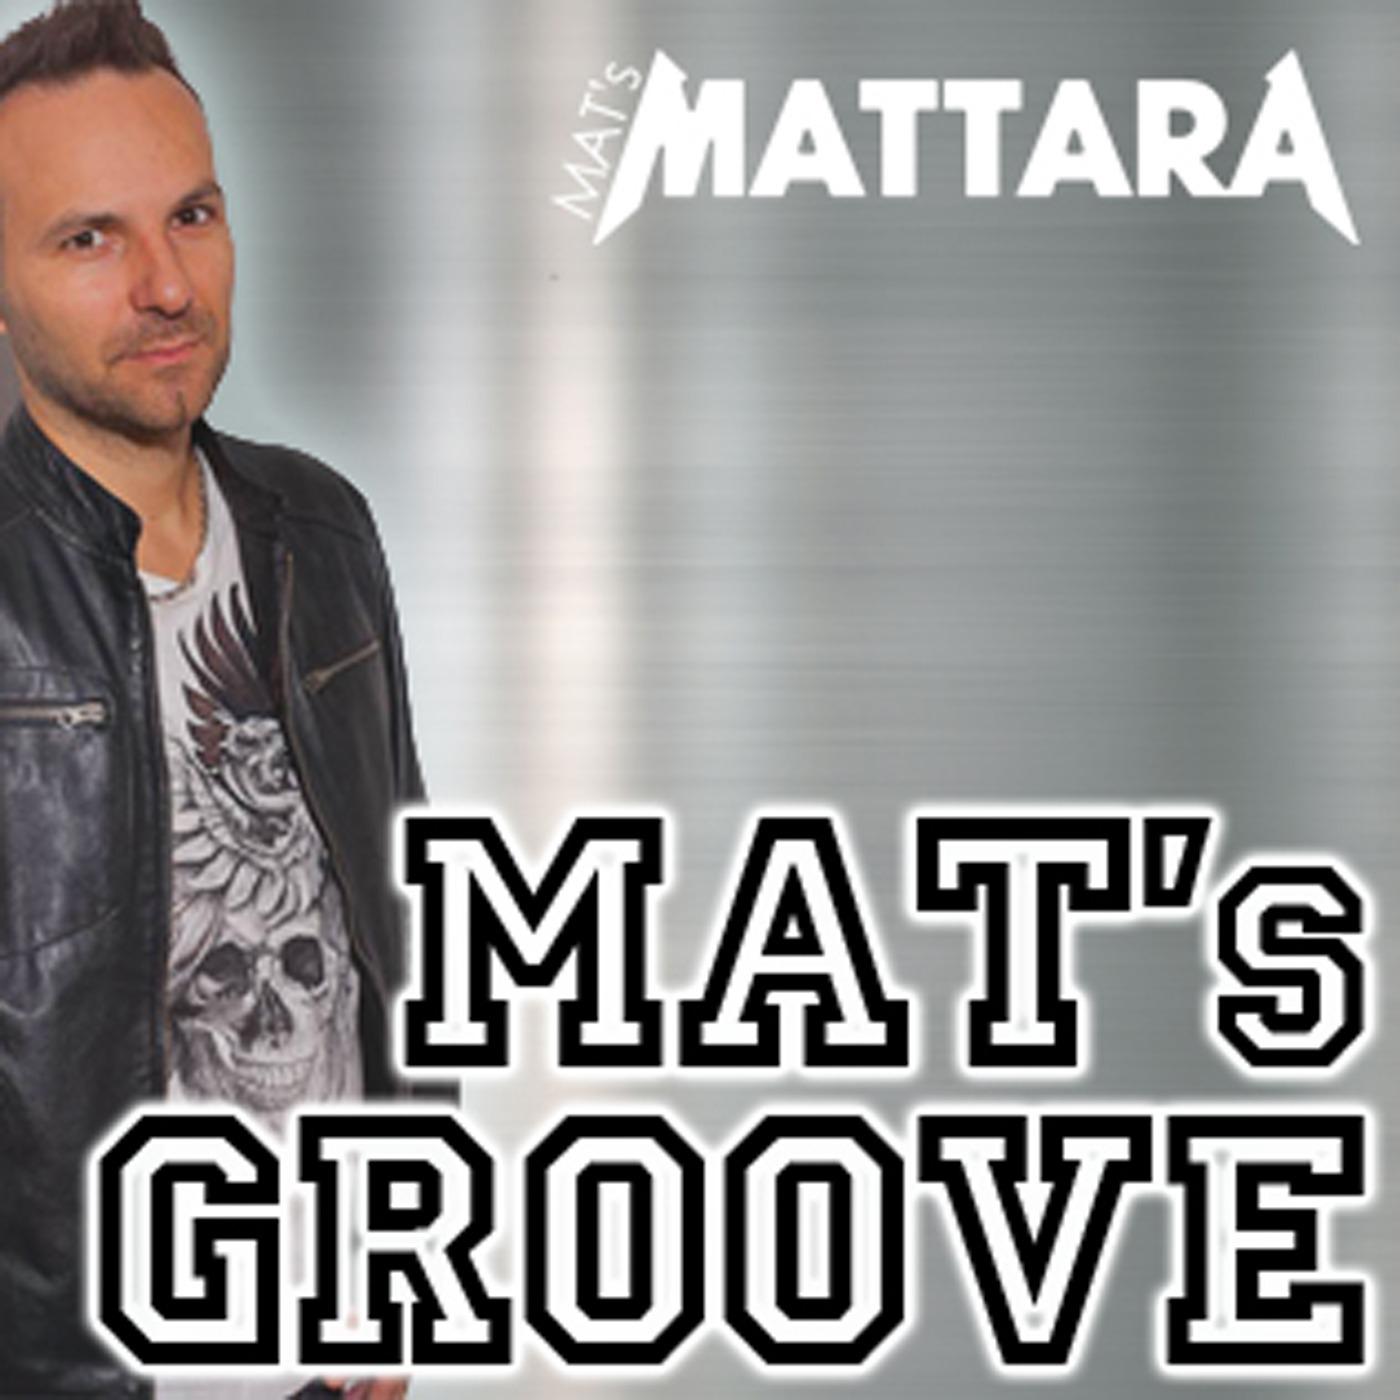 MAT's MATTARA - Mat's Groove